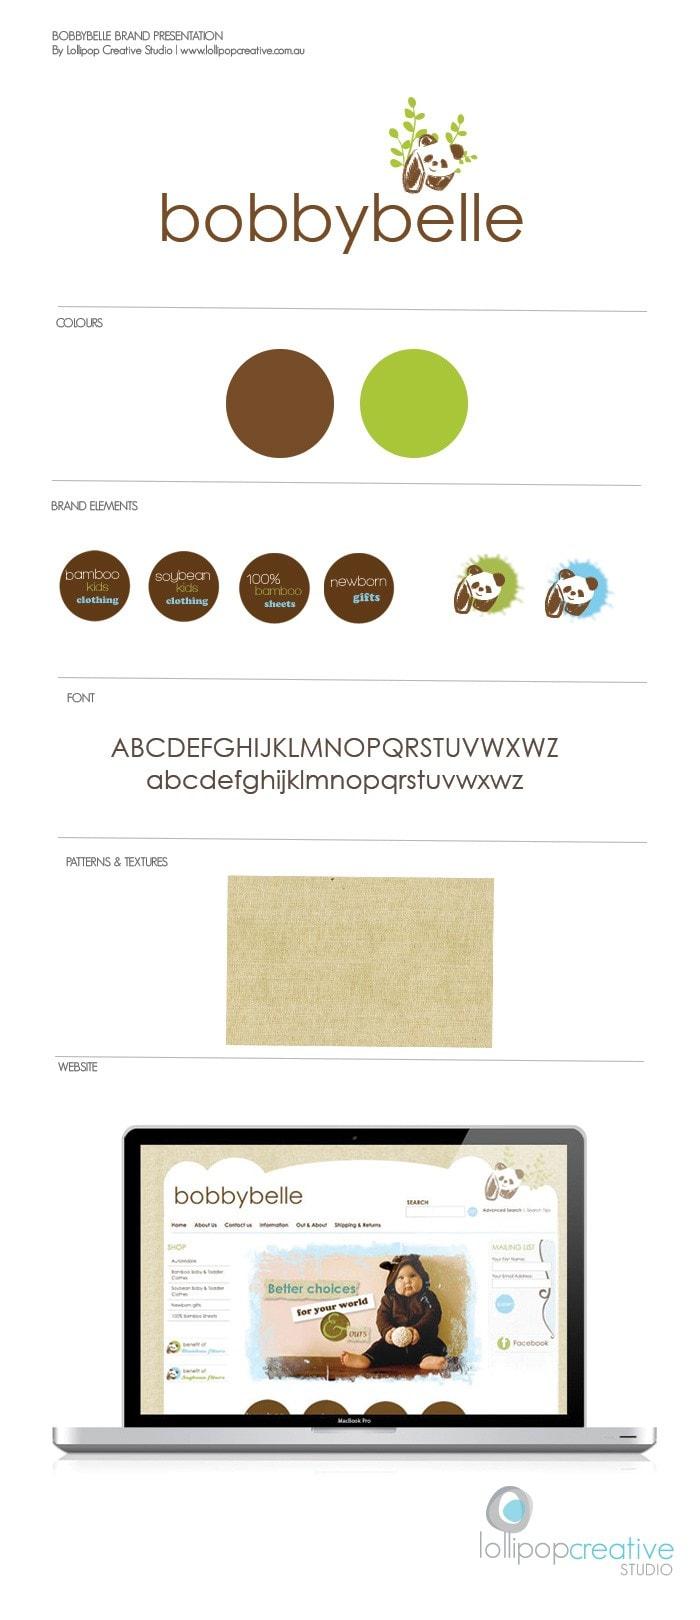 bobbybelle baby logo design, web design, brand board